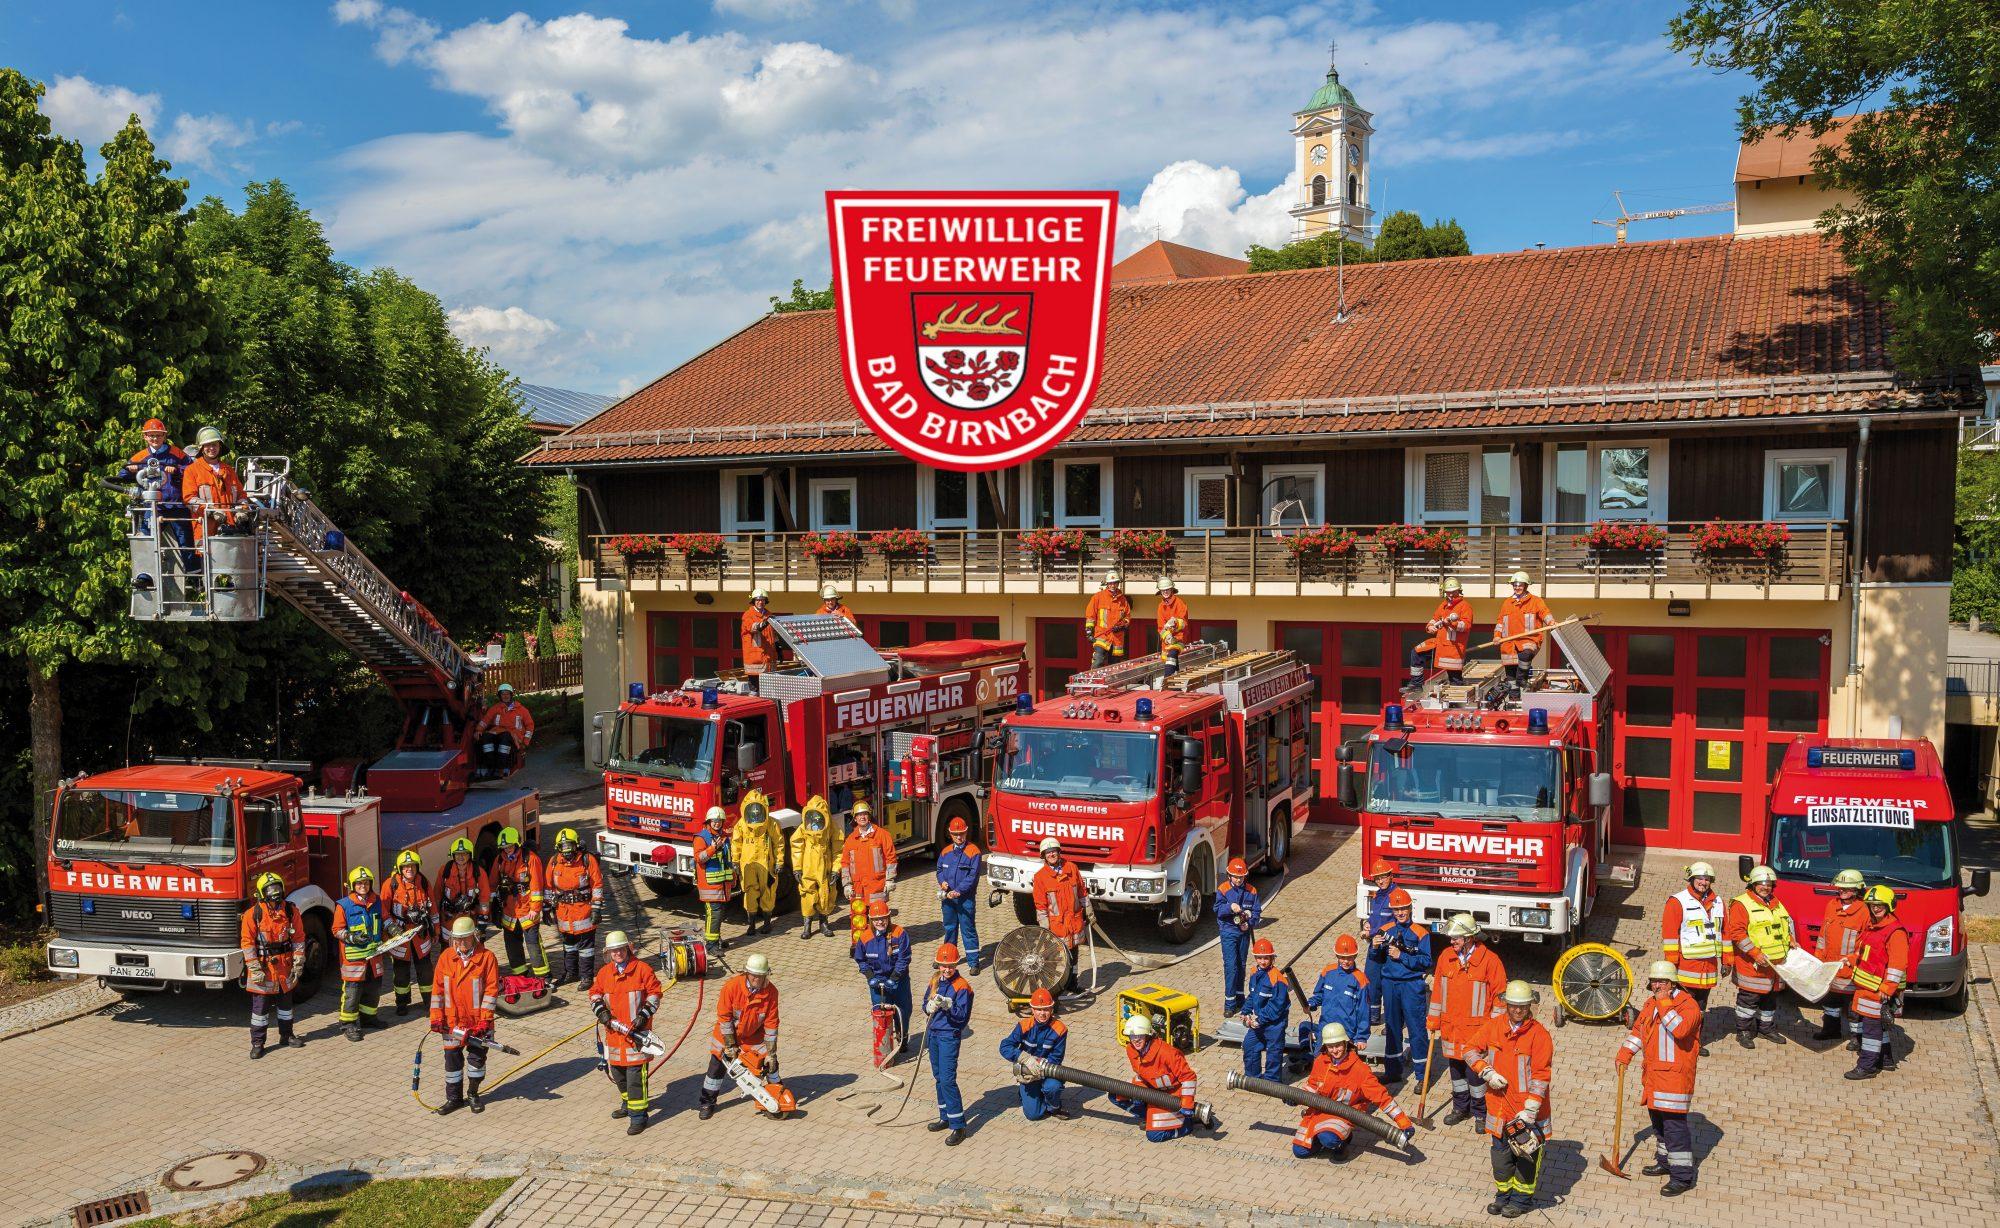 Feuerwehr Bad Birnbach